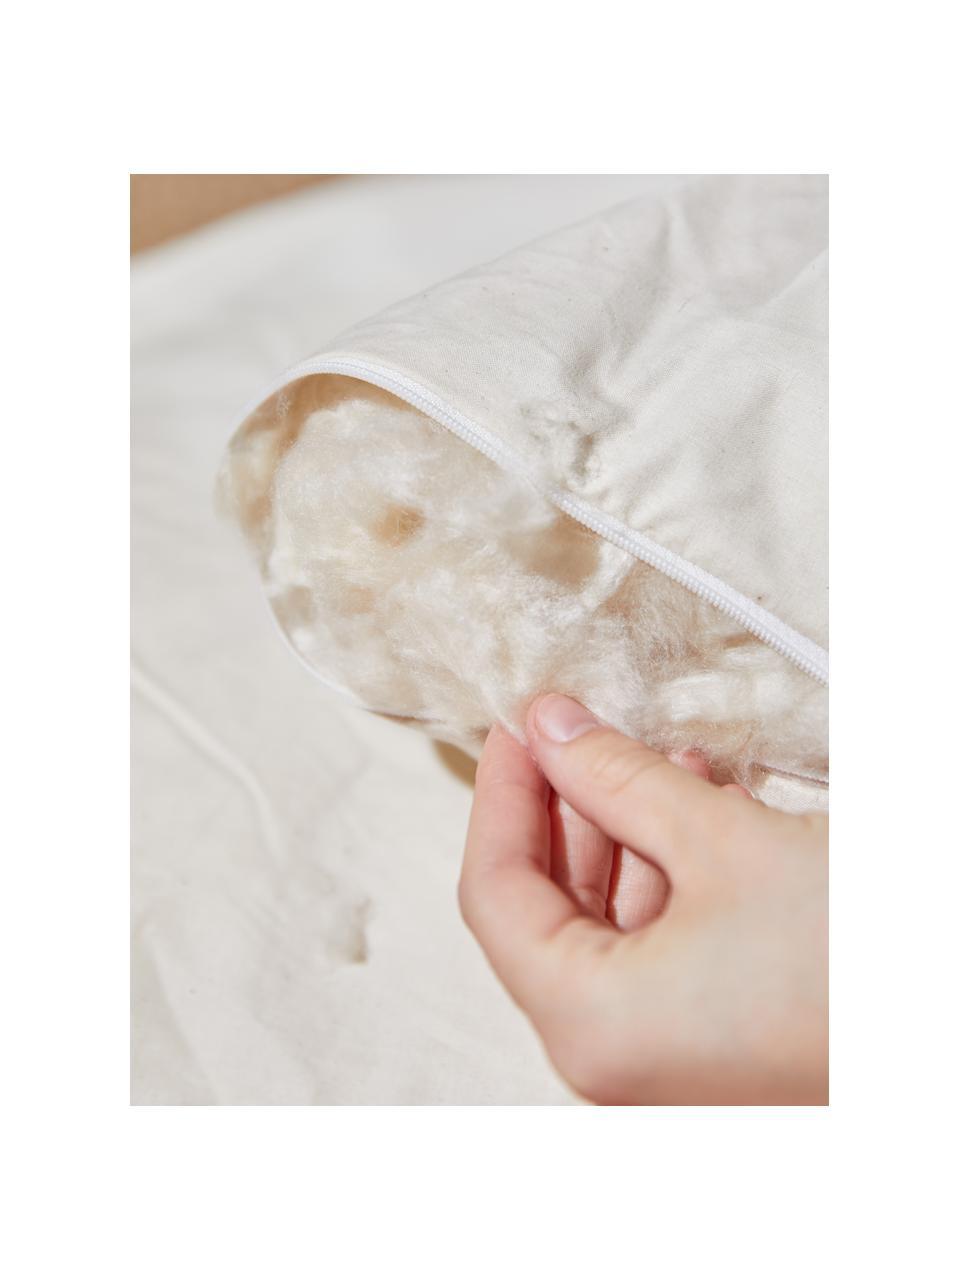 Vegane Bettdecke mit Kapokfaser und Baumwolle, mittel, Bezug: 100% Baumwolle, mittel, 240 x 220 cm